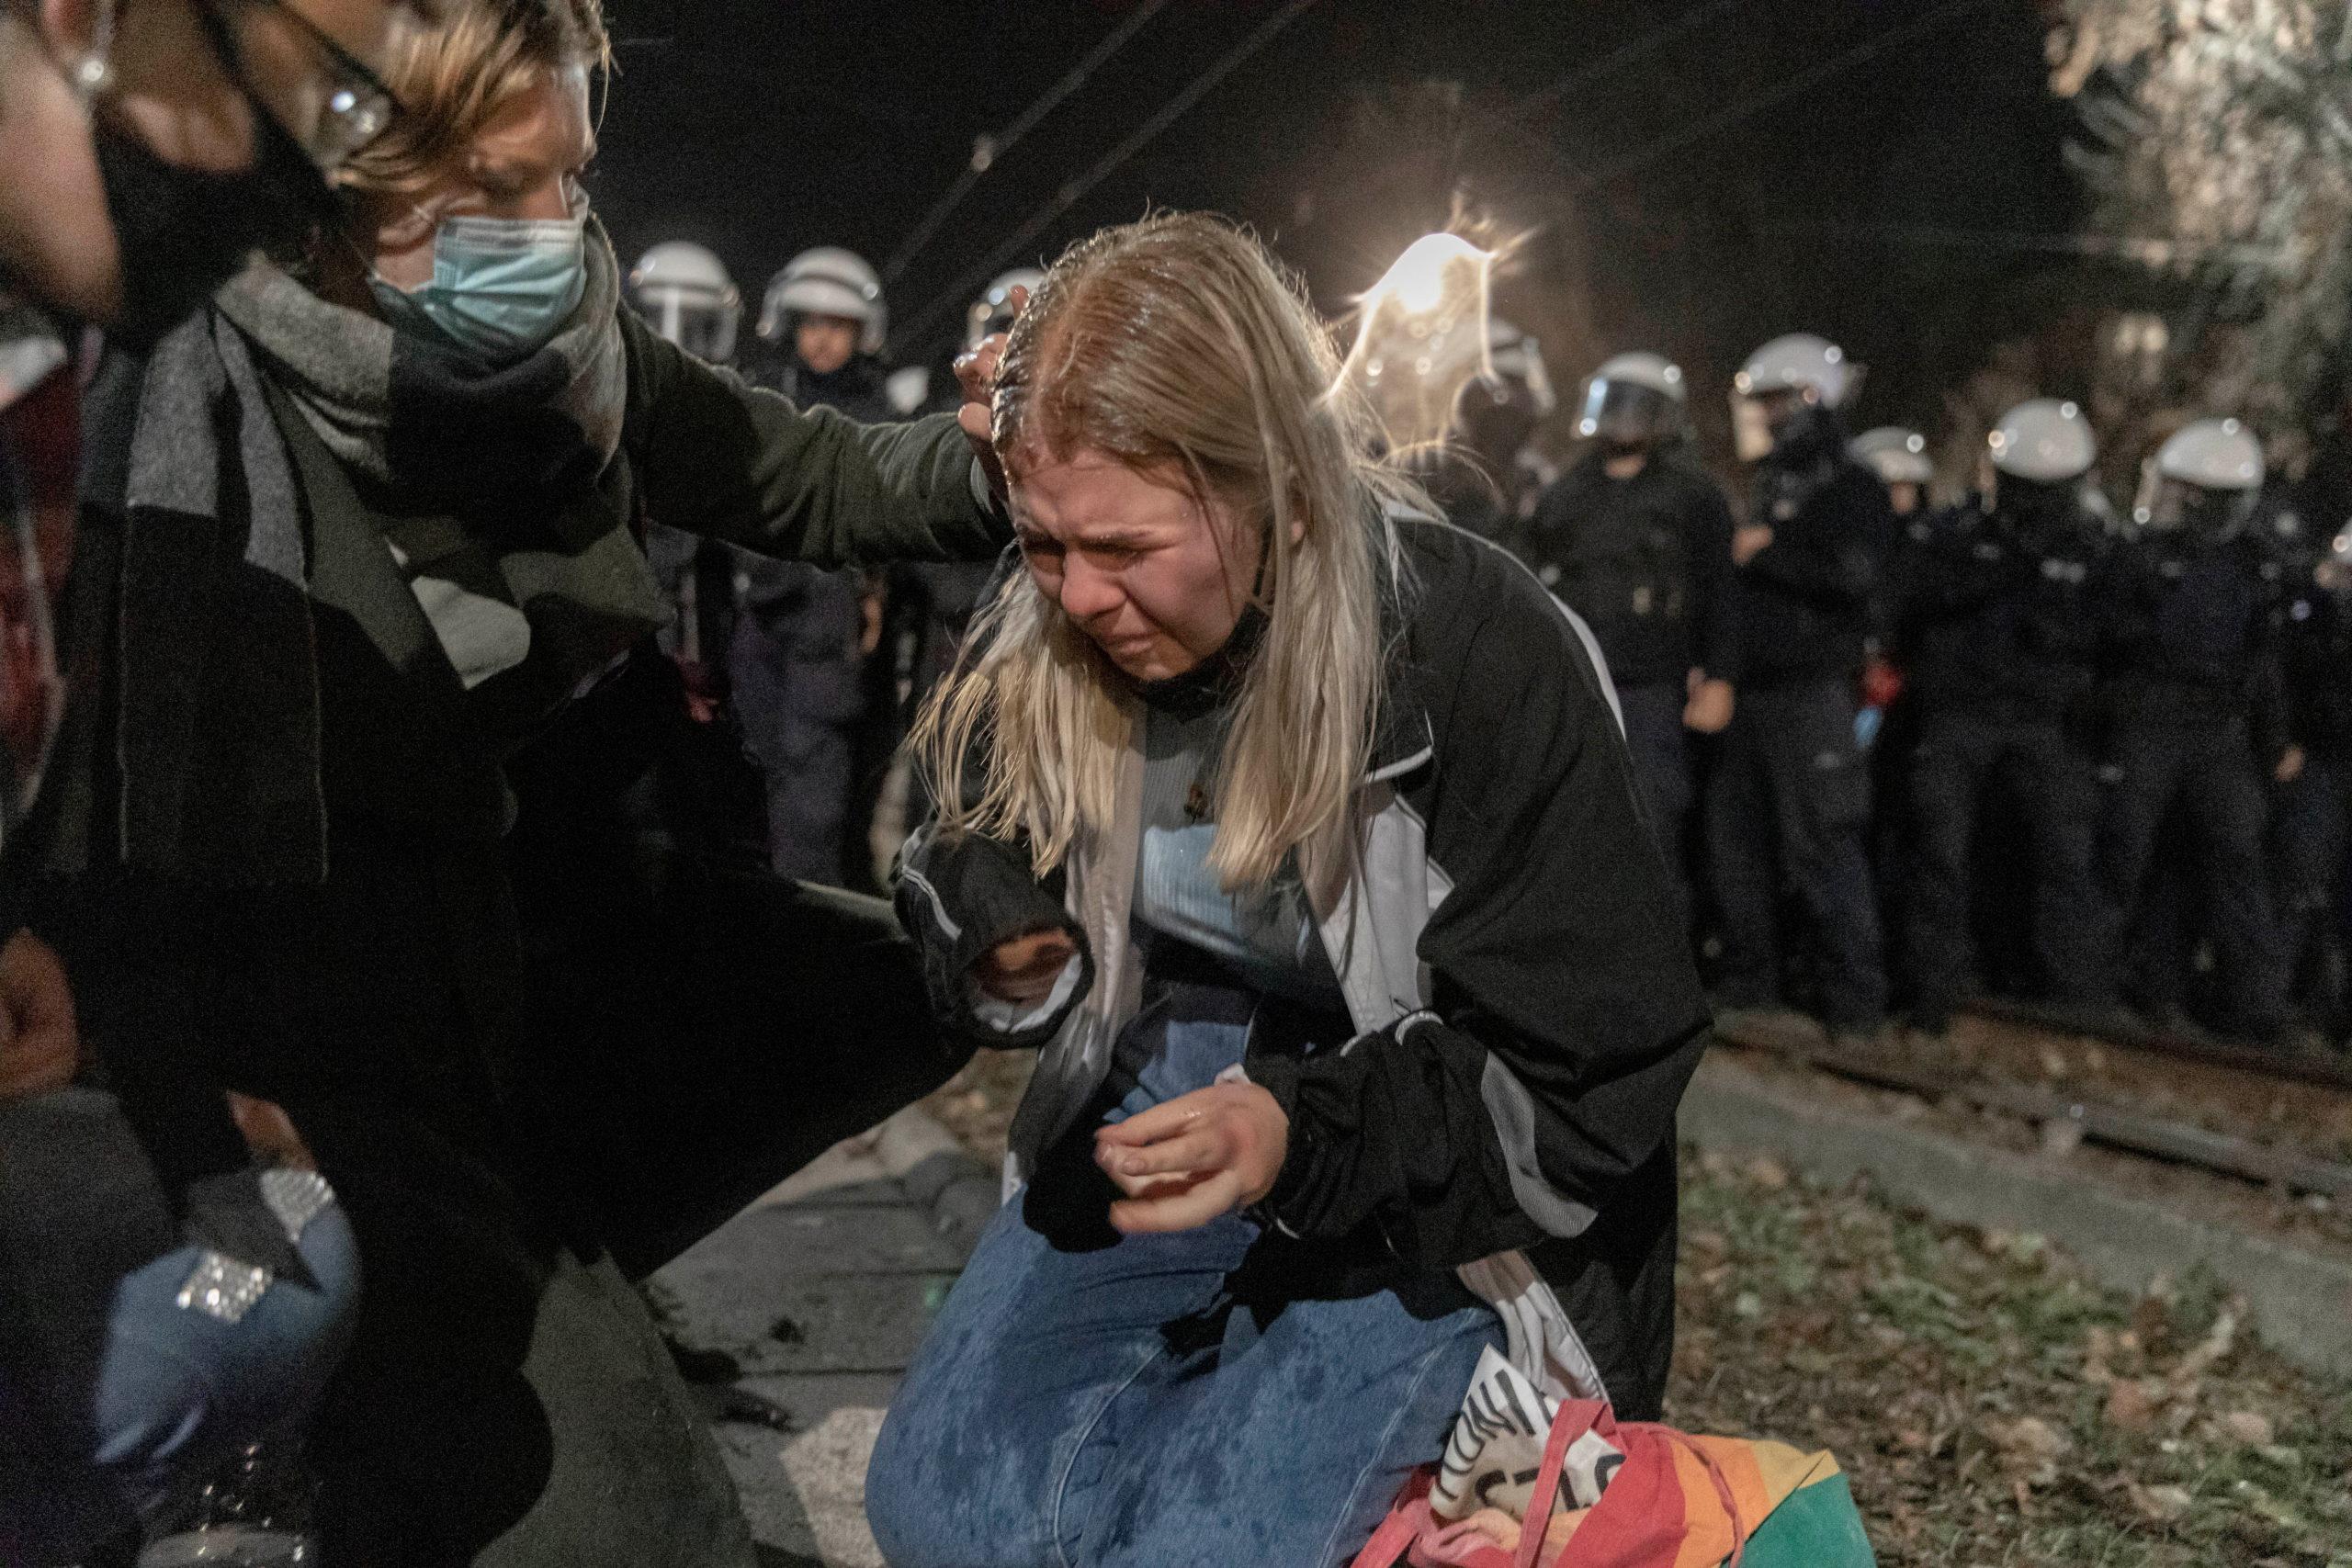 протести в Польщі через аборти